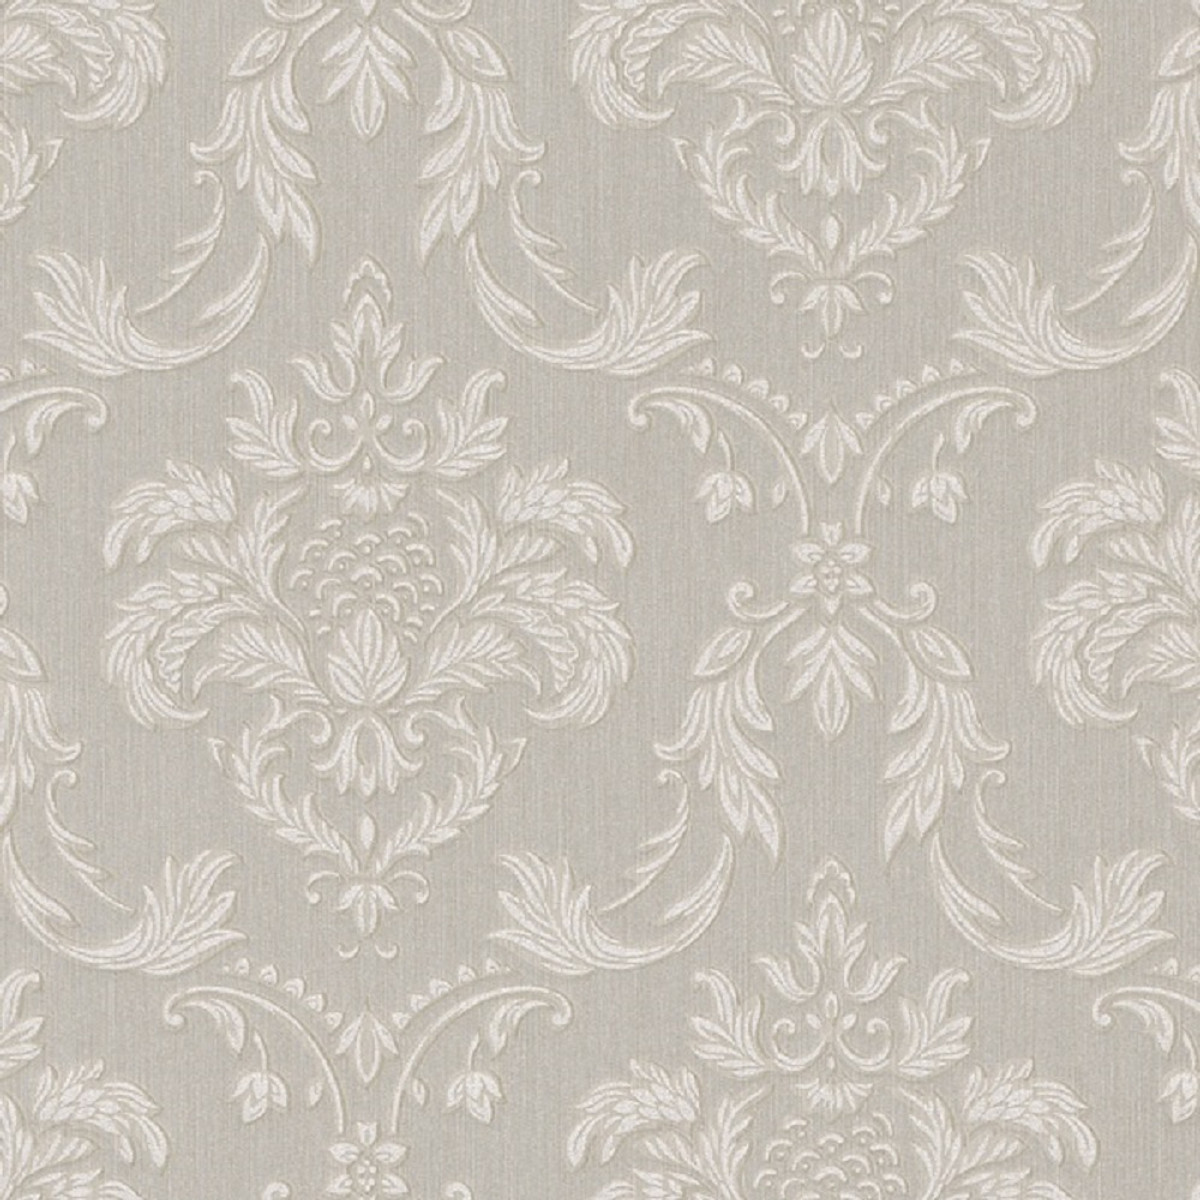 Casa Padrino Barock Textiltapete Grau / Weiß / Beige 10,05 x 0,53 m -  Wohnzimmer Tapete im Barockstil - Hochwertige Qualität